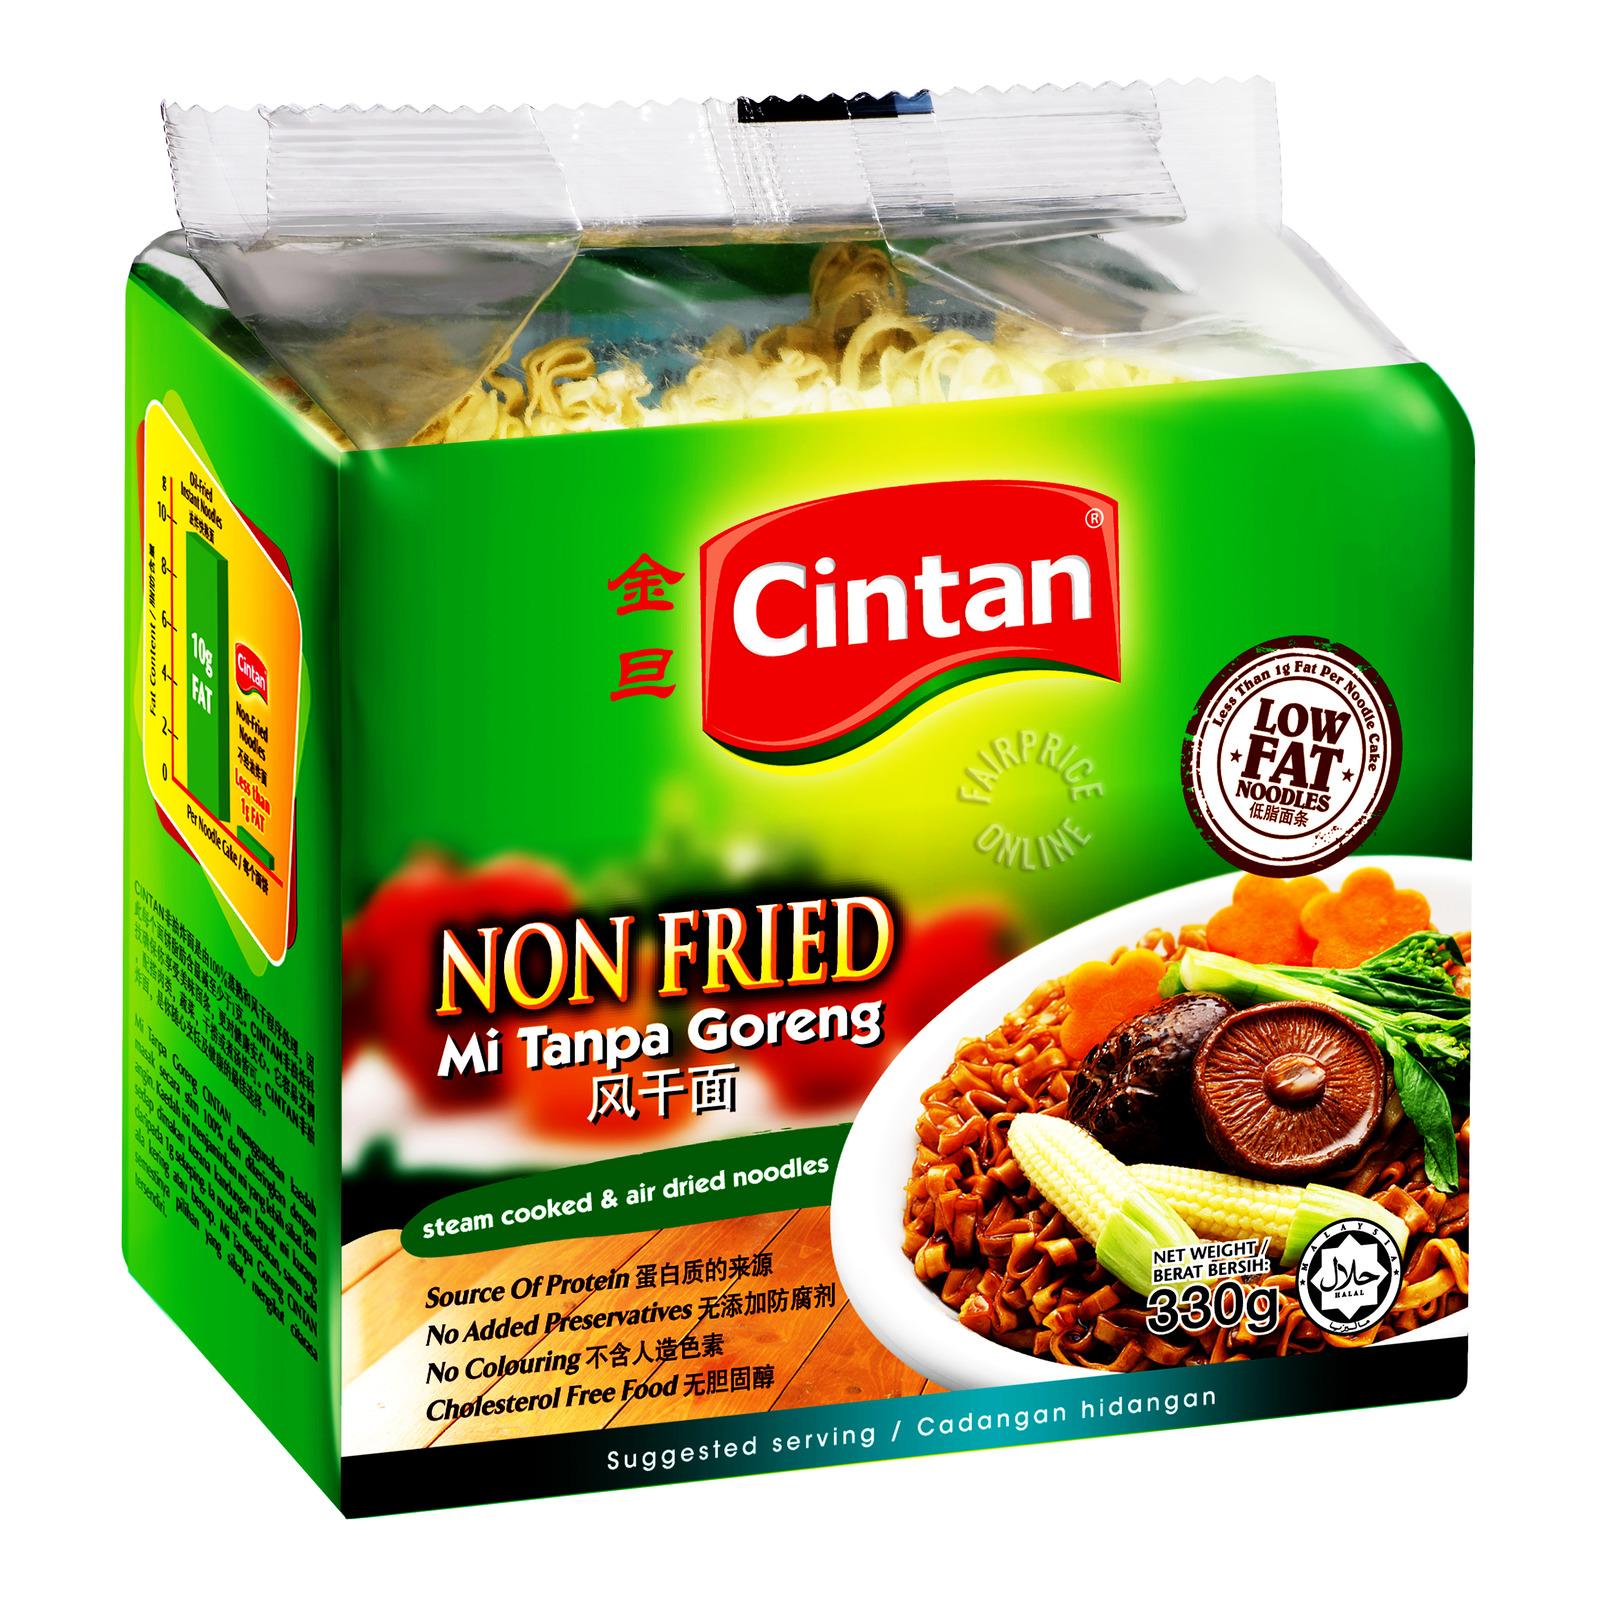 Cintan Non Fried Instant Noodle - Broad (Plain)